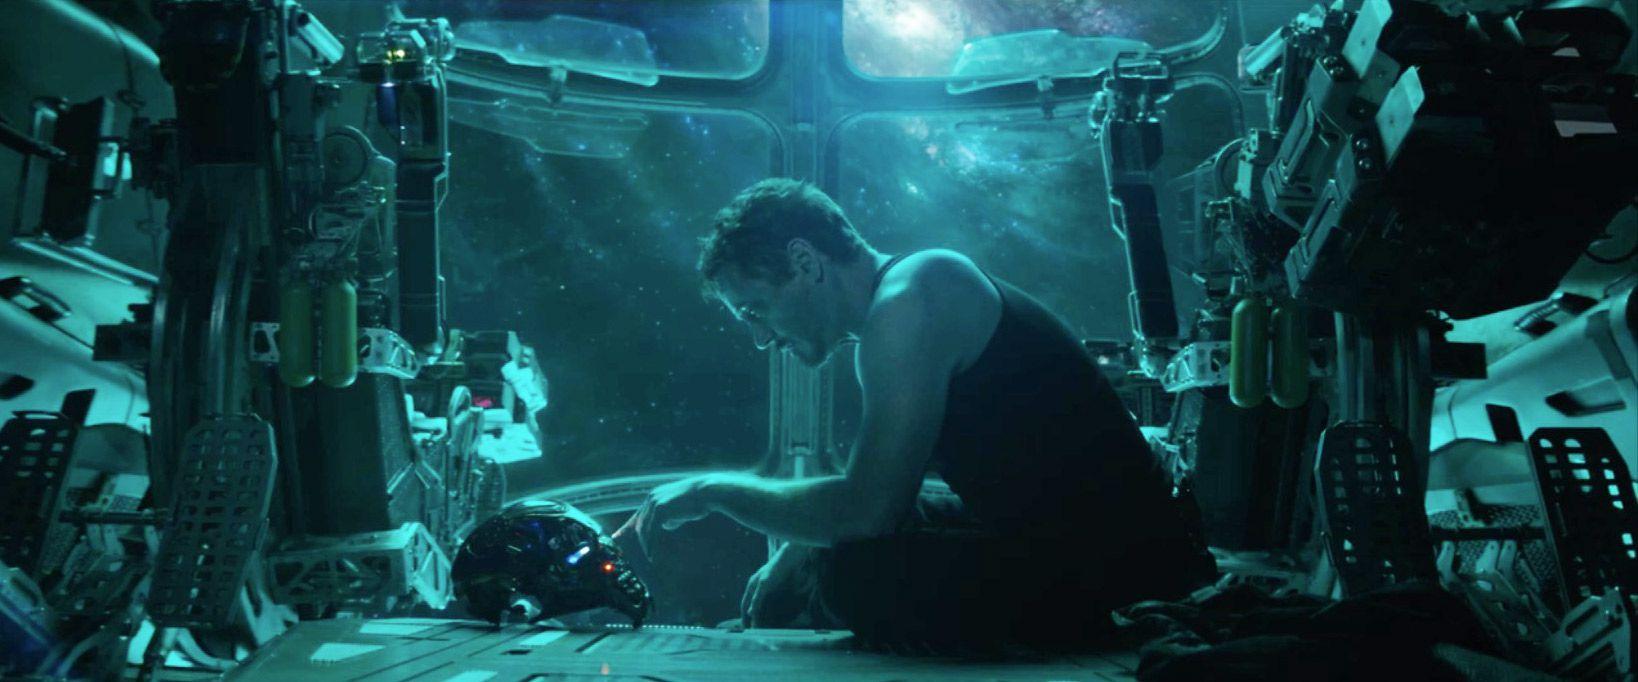 Avengers: End Game / Marvel Studios